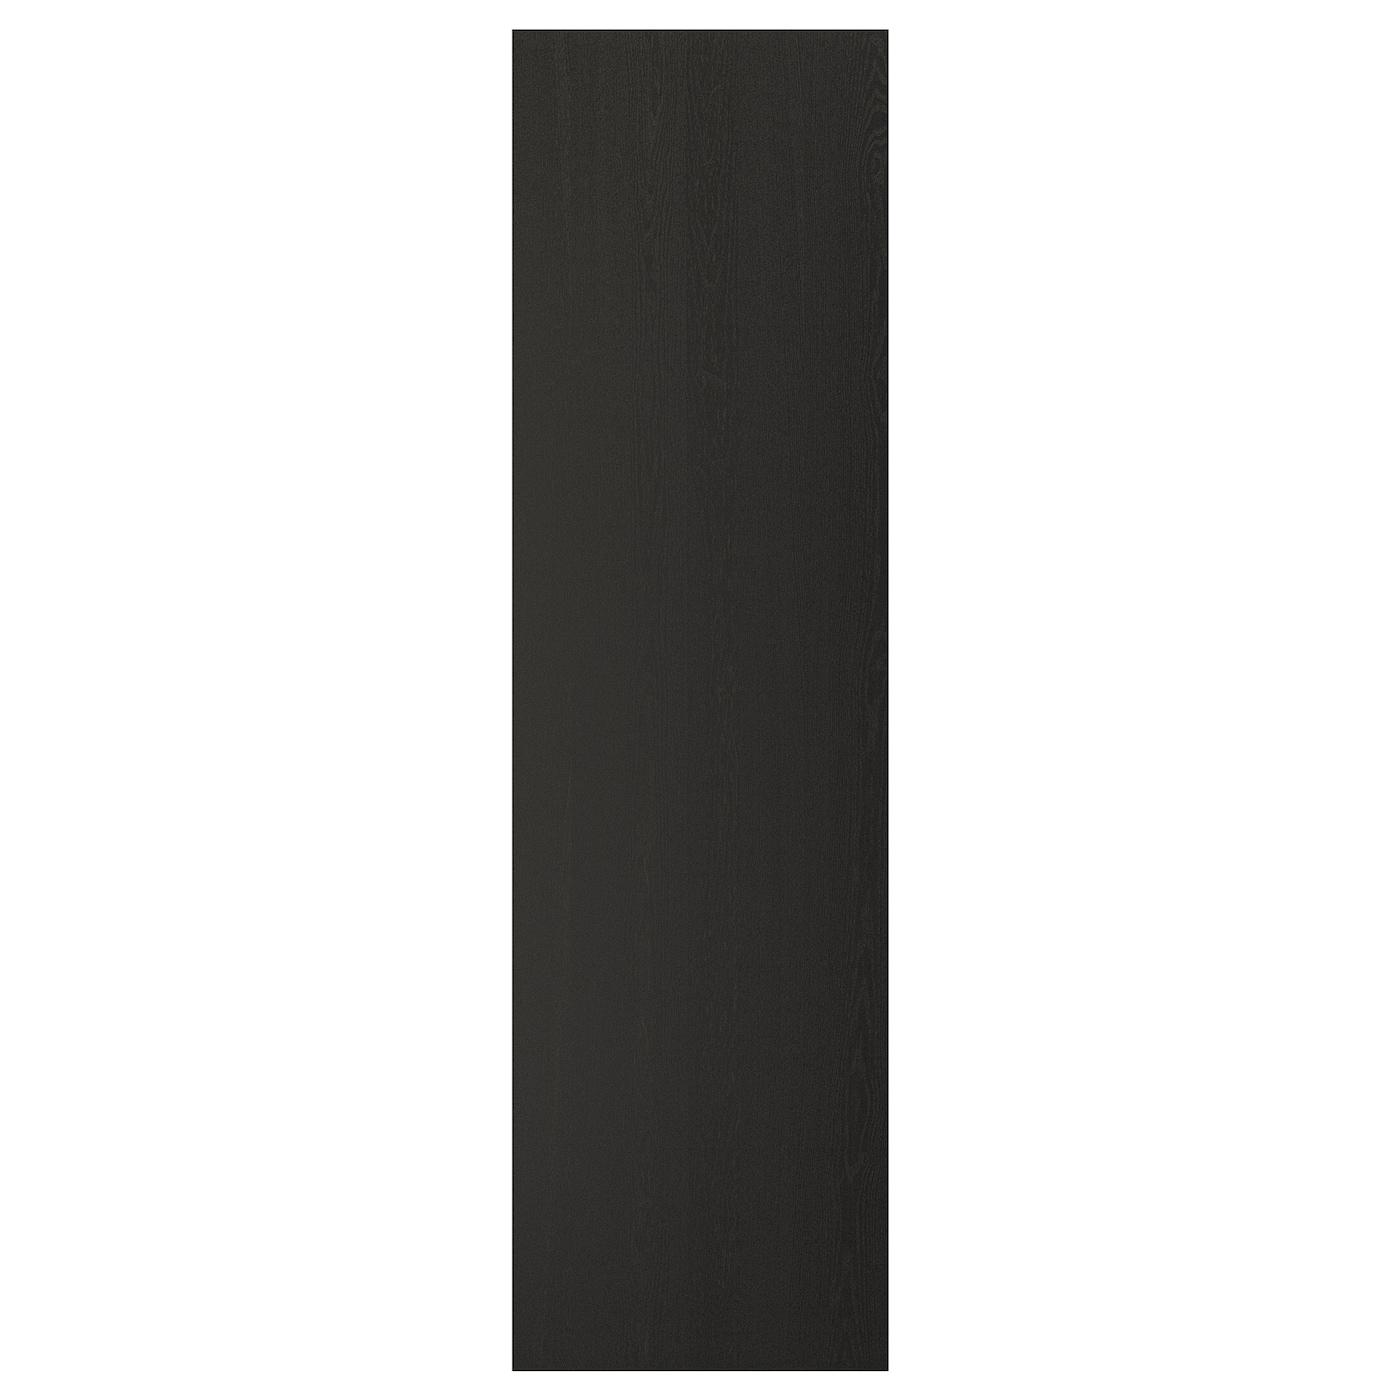 Ikea Cover Panels Decor Strips Ireland Dublin Wooden Framed Doors Over Fuse Box Lerhyttan Panel